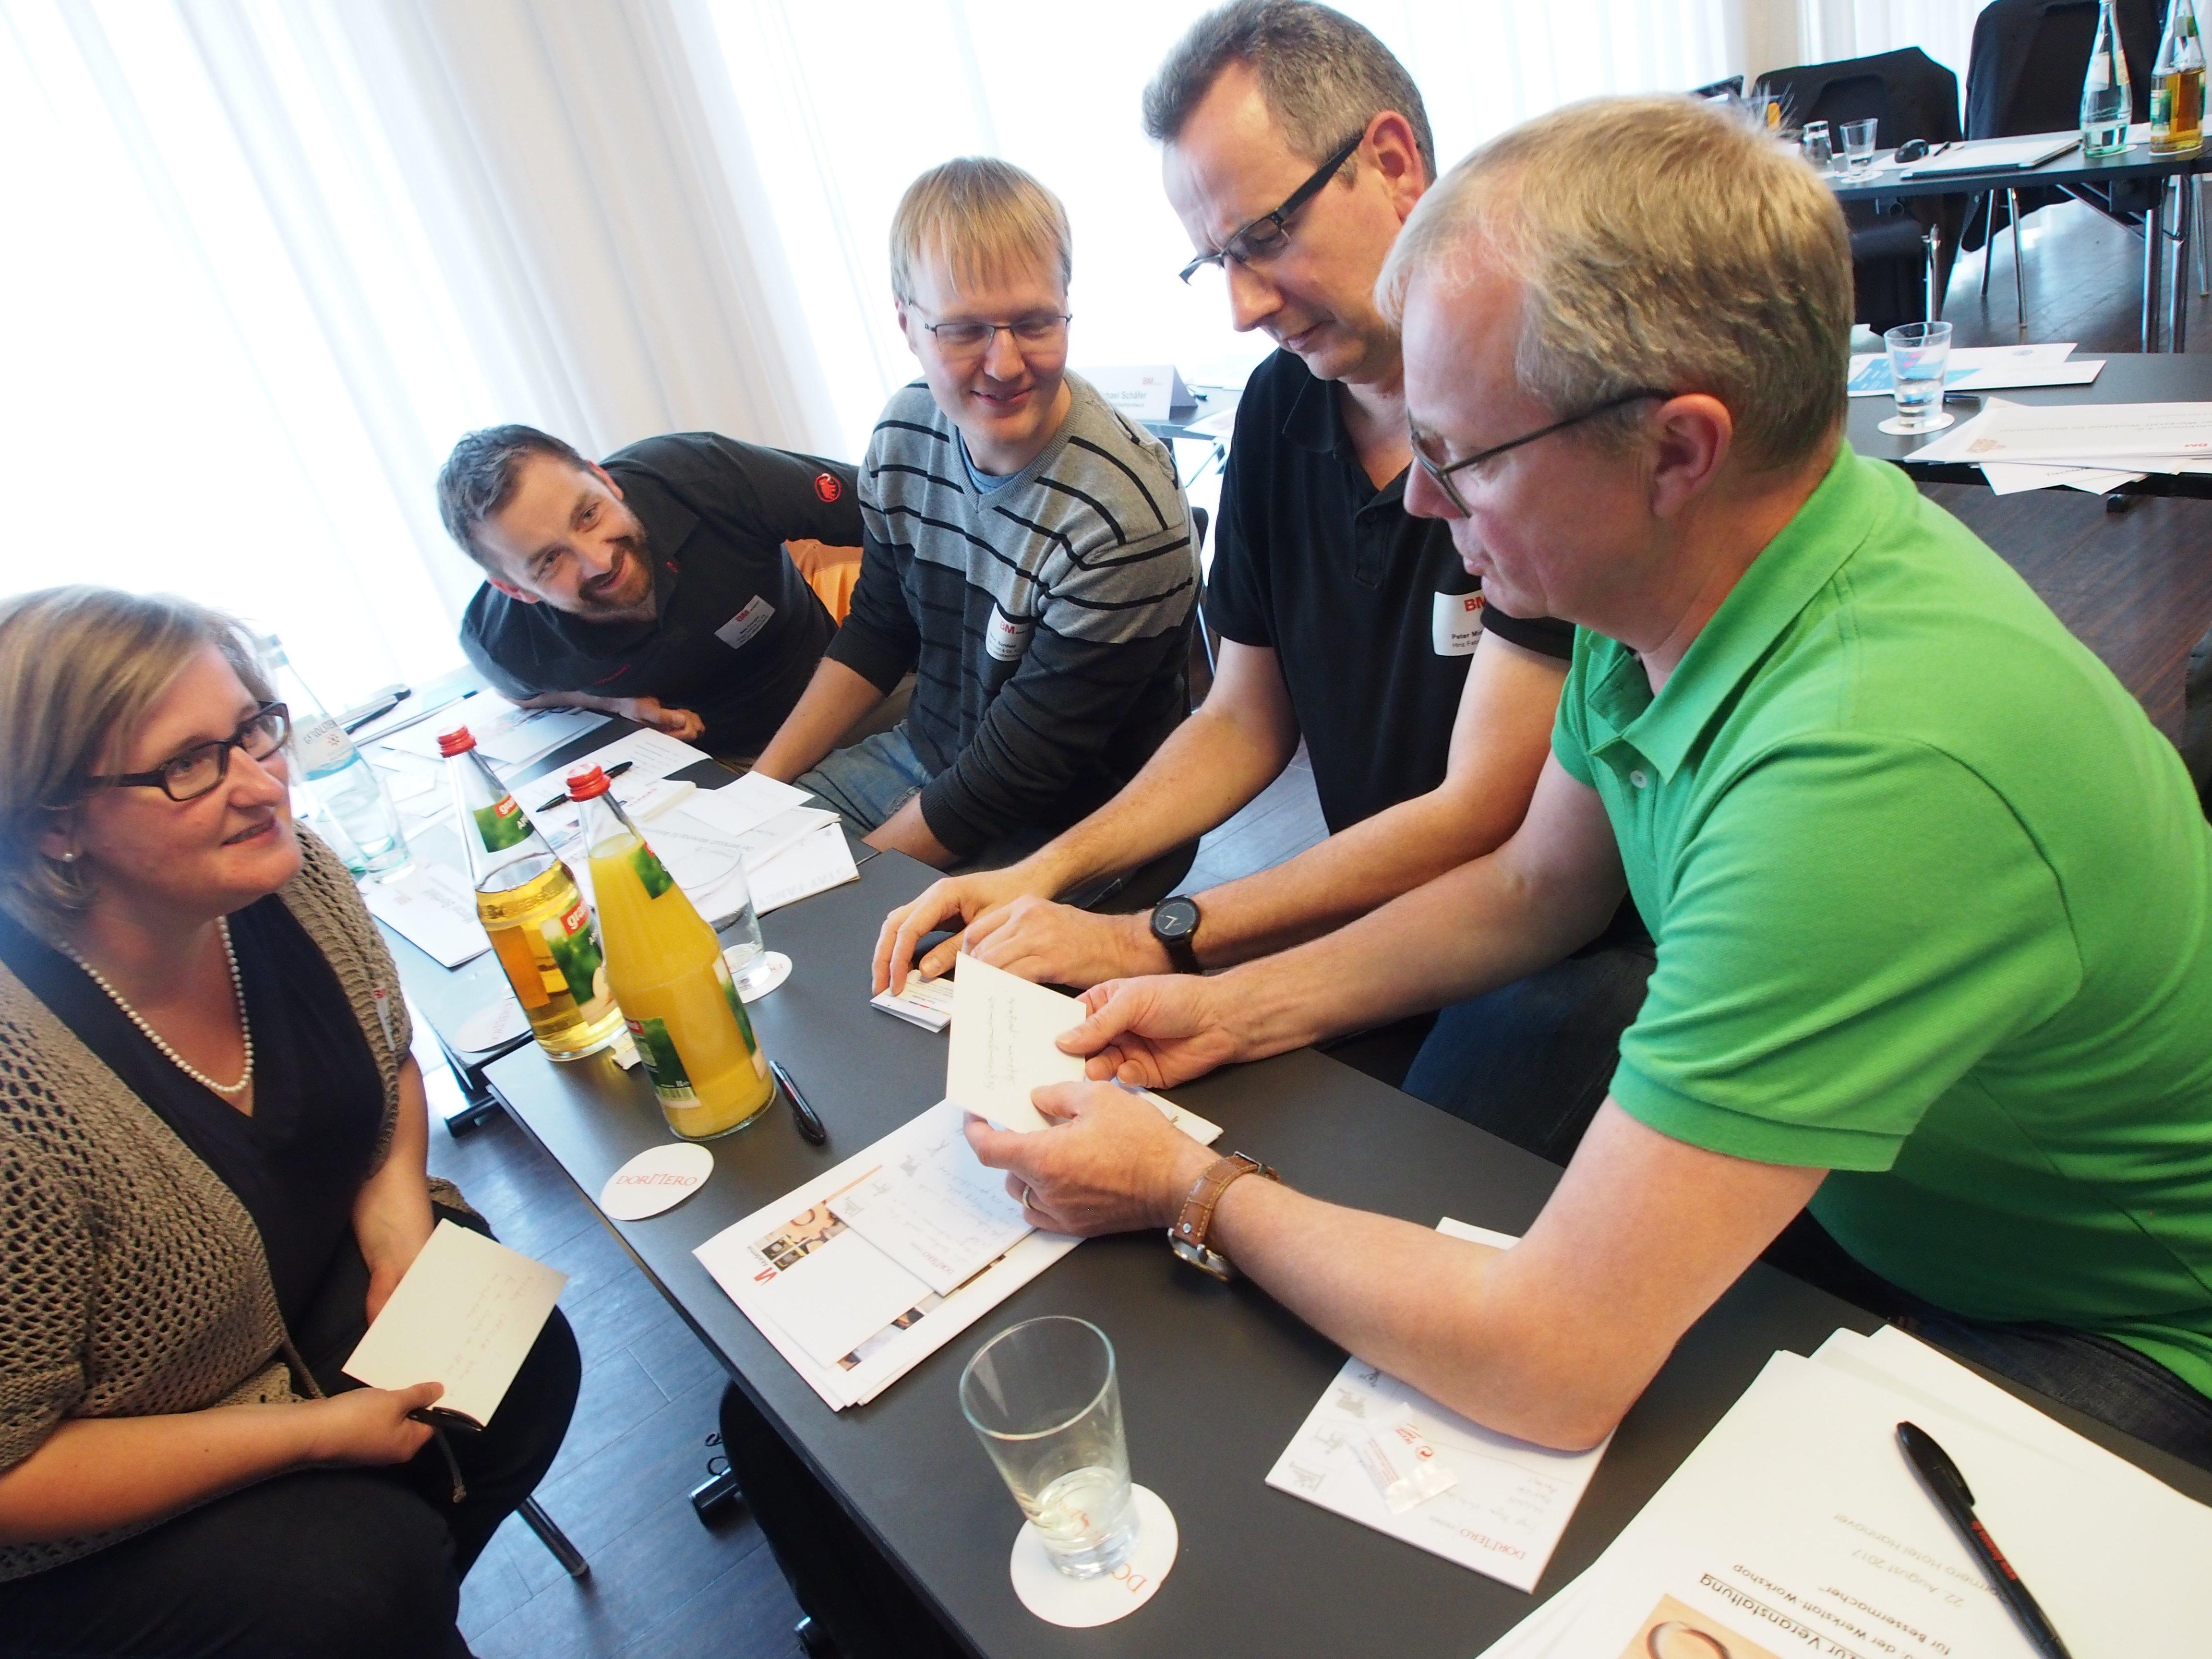 In der abschließenden Bienenstockübung konnten die Teilnehmer zahlreiche Fragen aus der Praxis stellen und das Netzwerk ihrer Kollegen anzapfen.